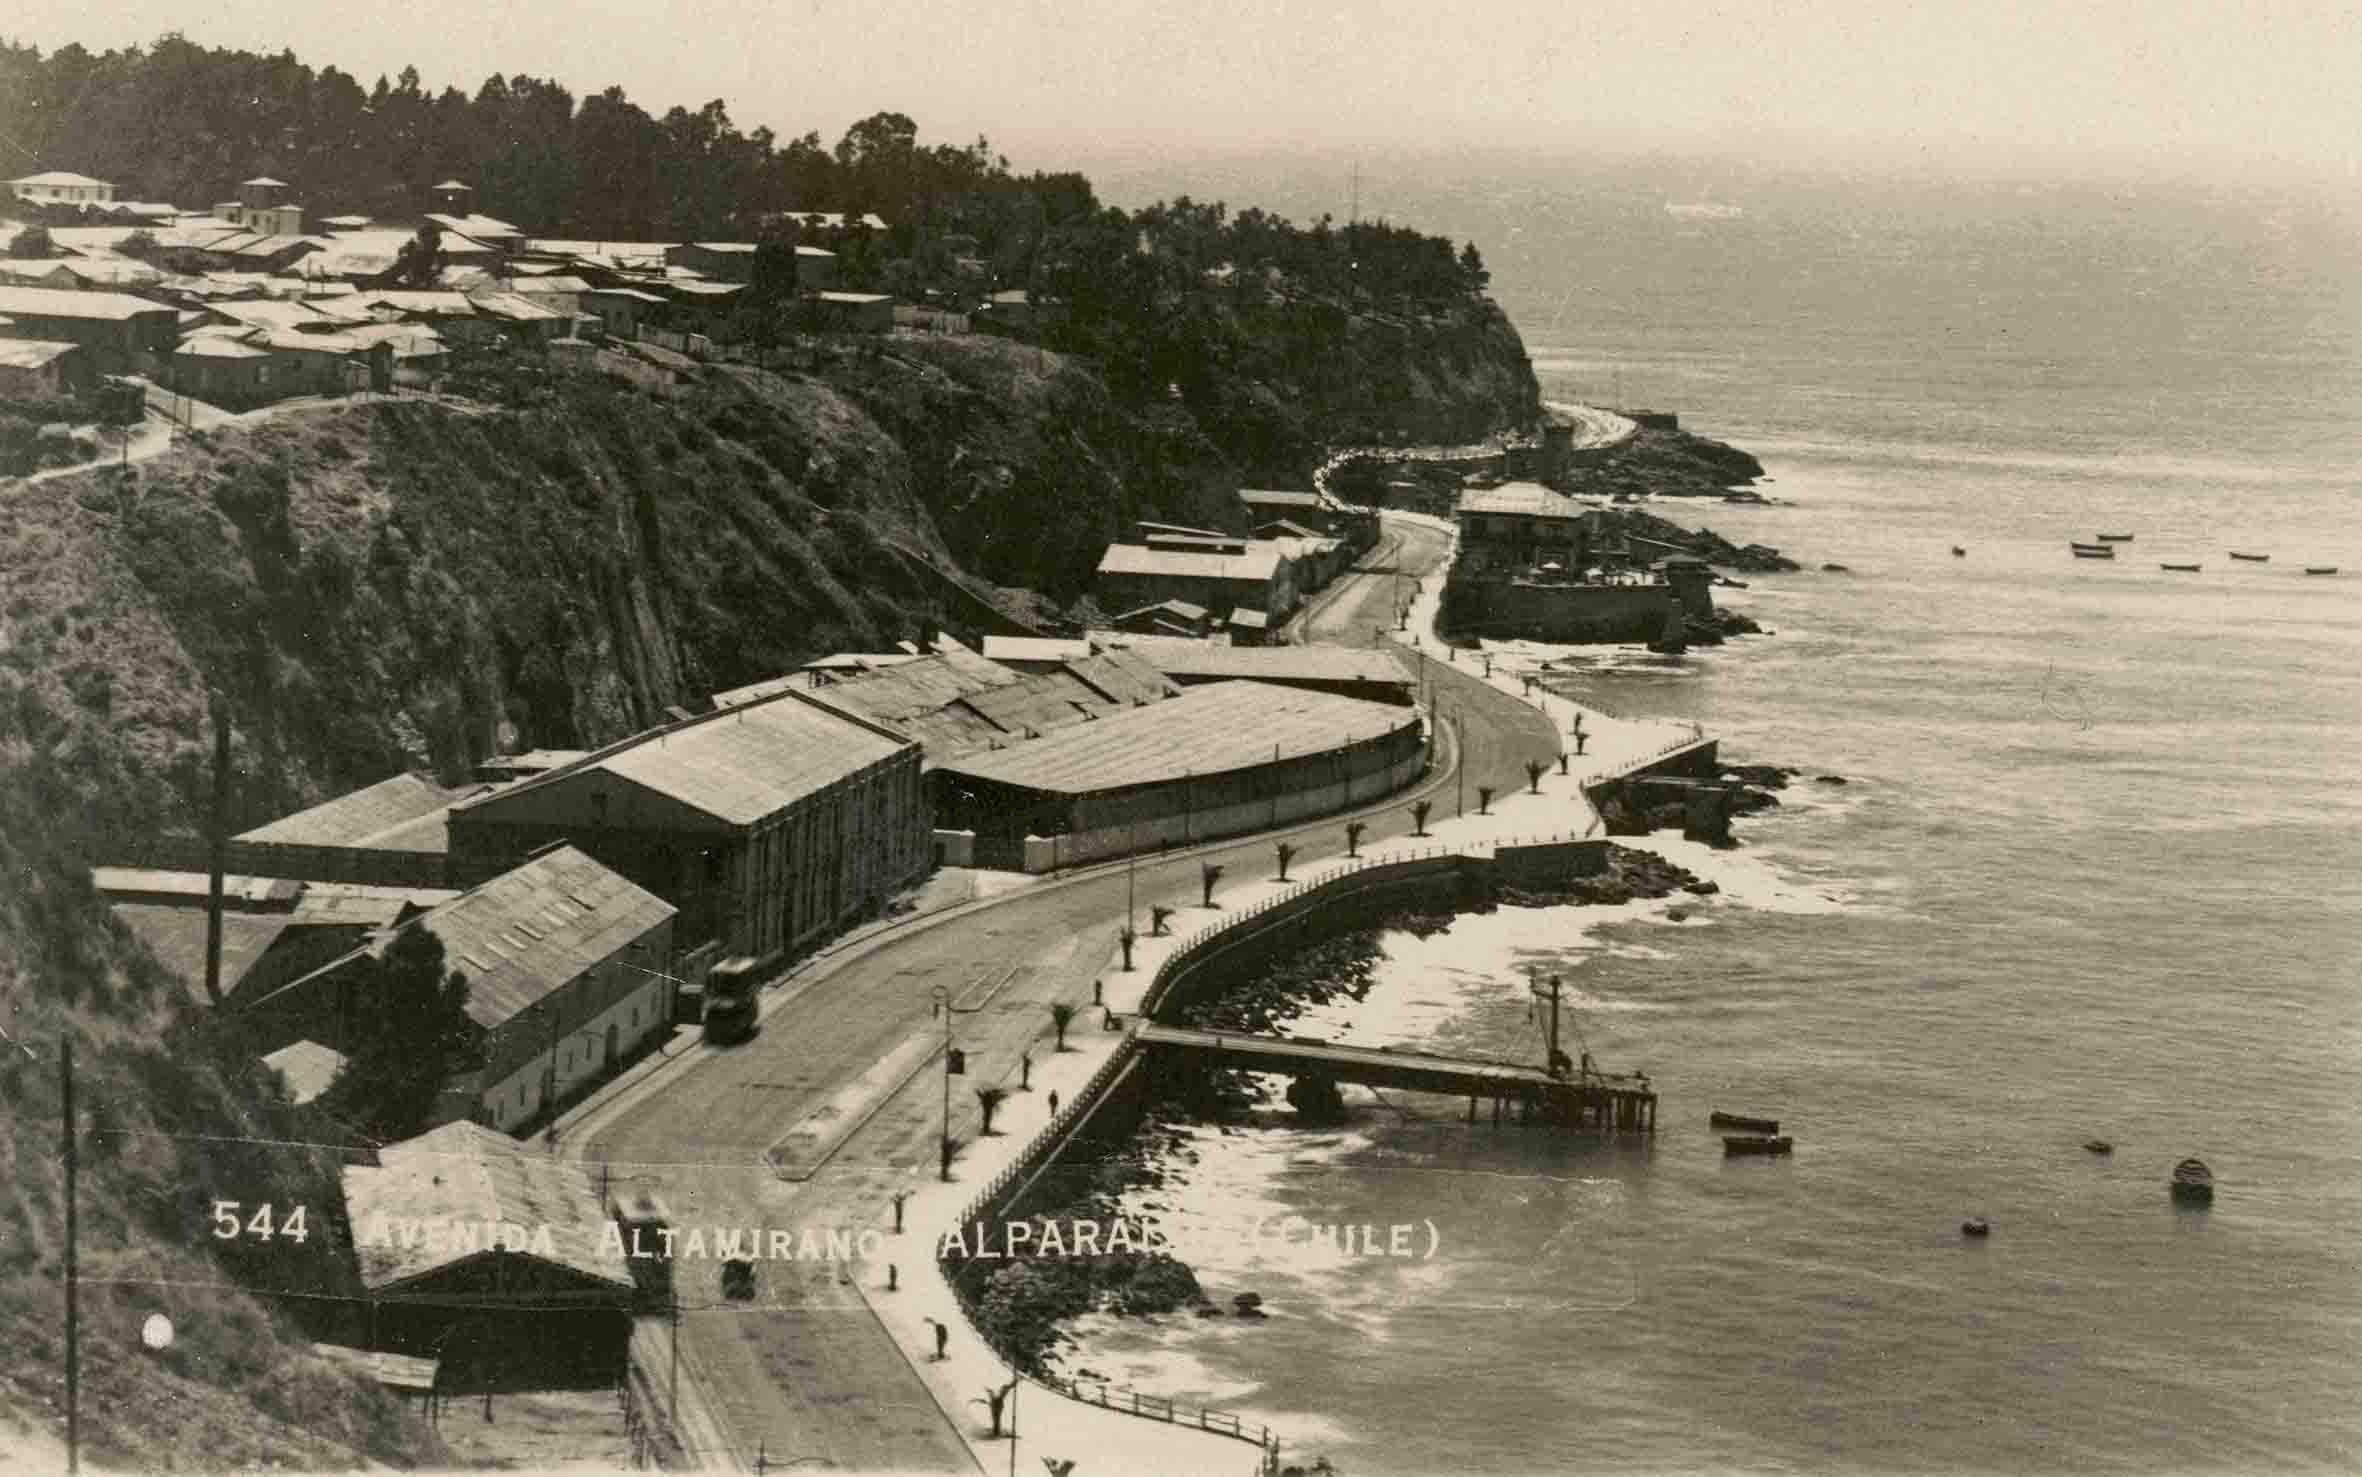 Enterreno - Fotos históricas de chile - fotos antiguas de Chile - Avenida Altamirano de Valparaíso en 1923